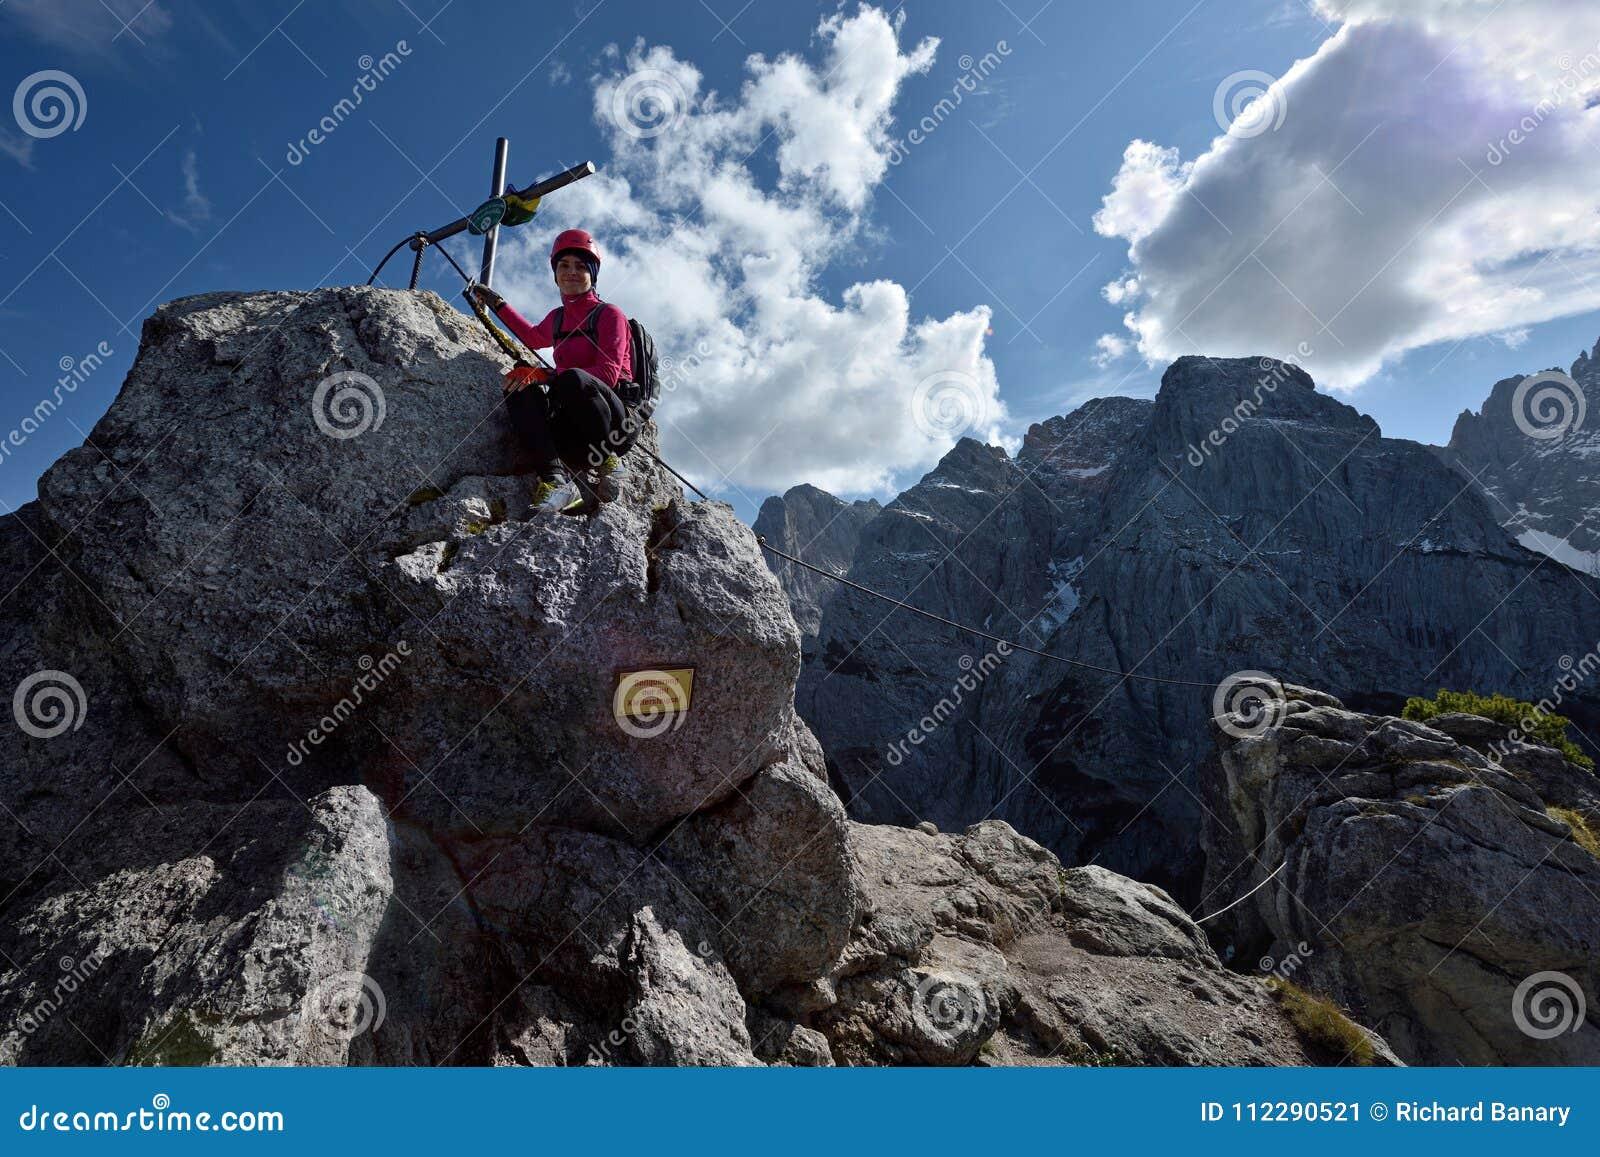 Klettersteig österreich : Tipps für den klettersteig zusammengestellt vom alpenverein